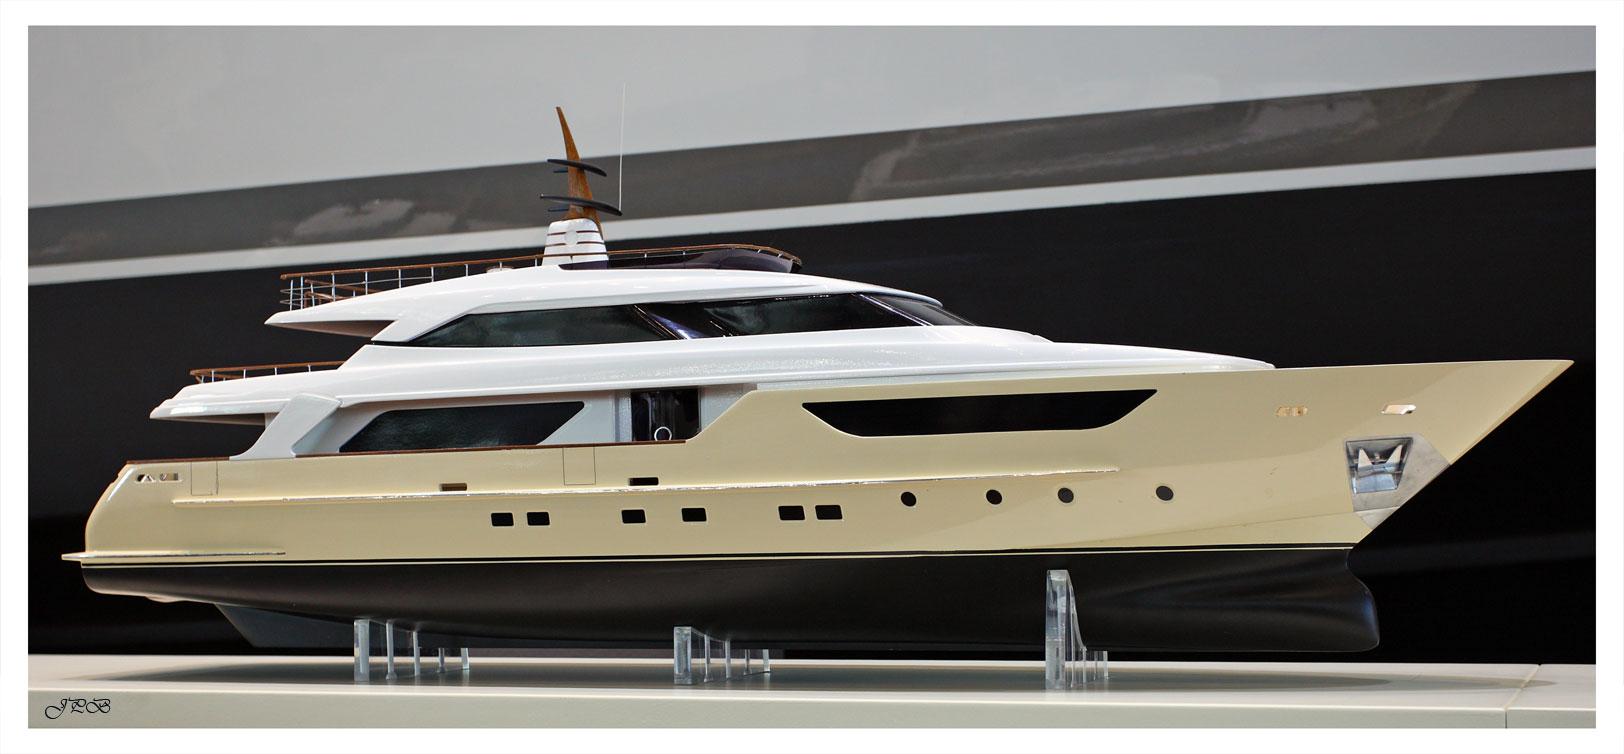 Yacht-Modell San Lorenzo III